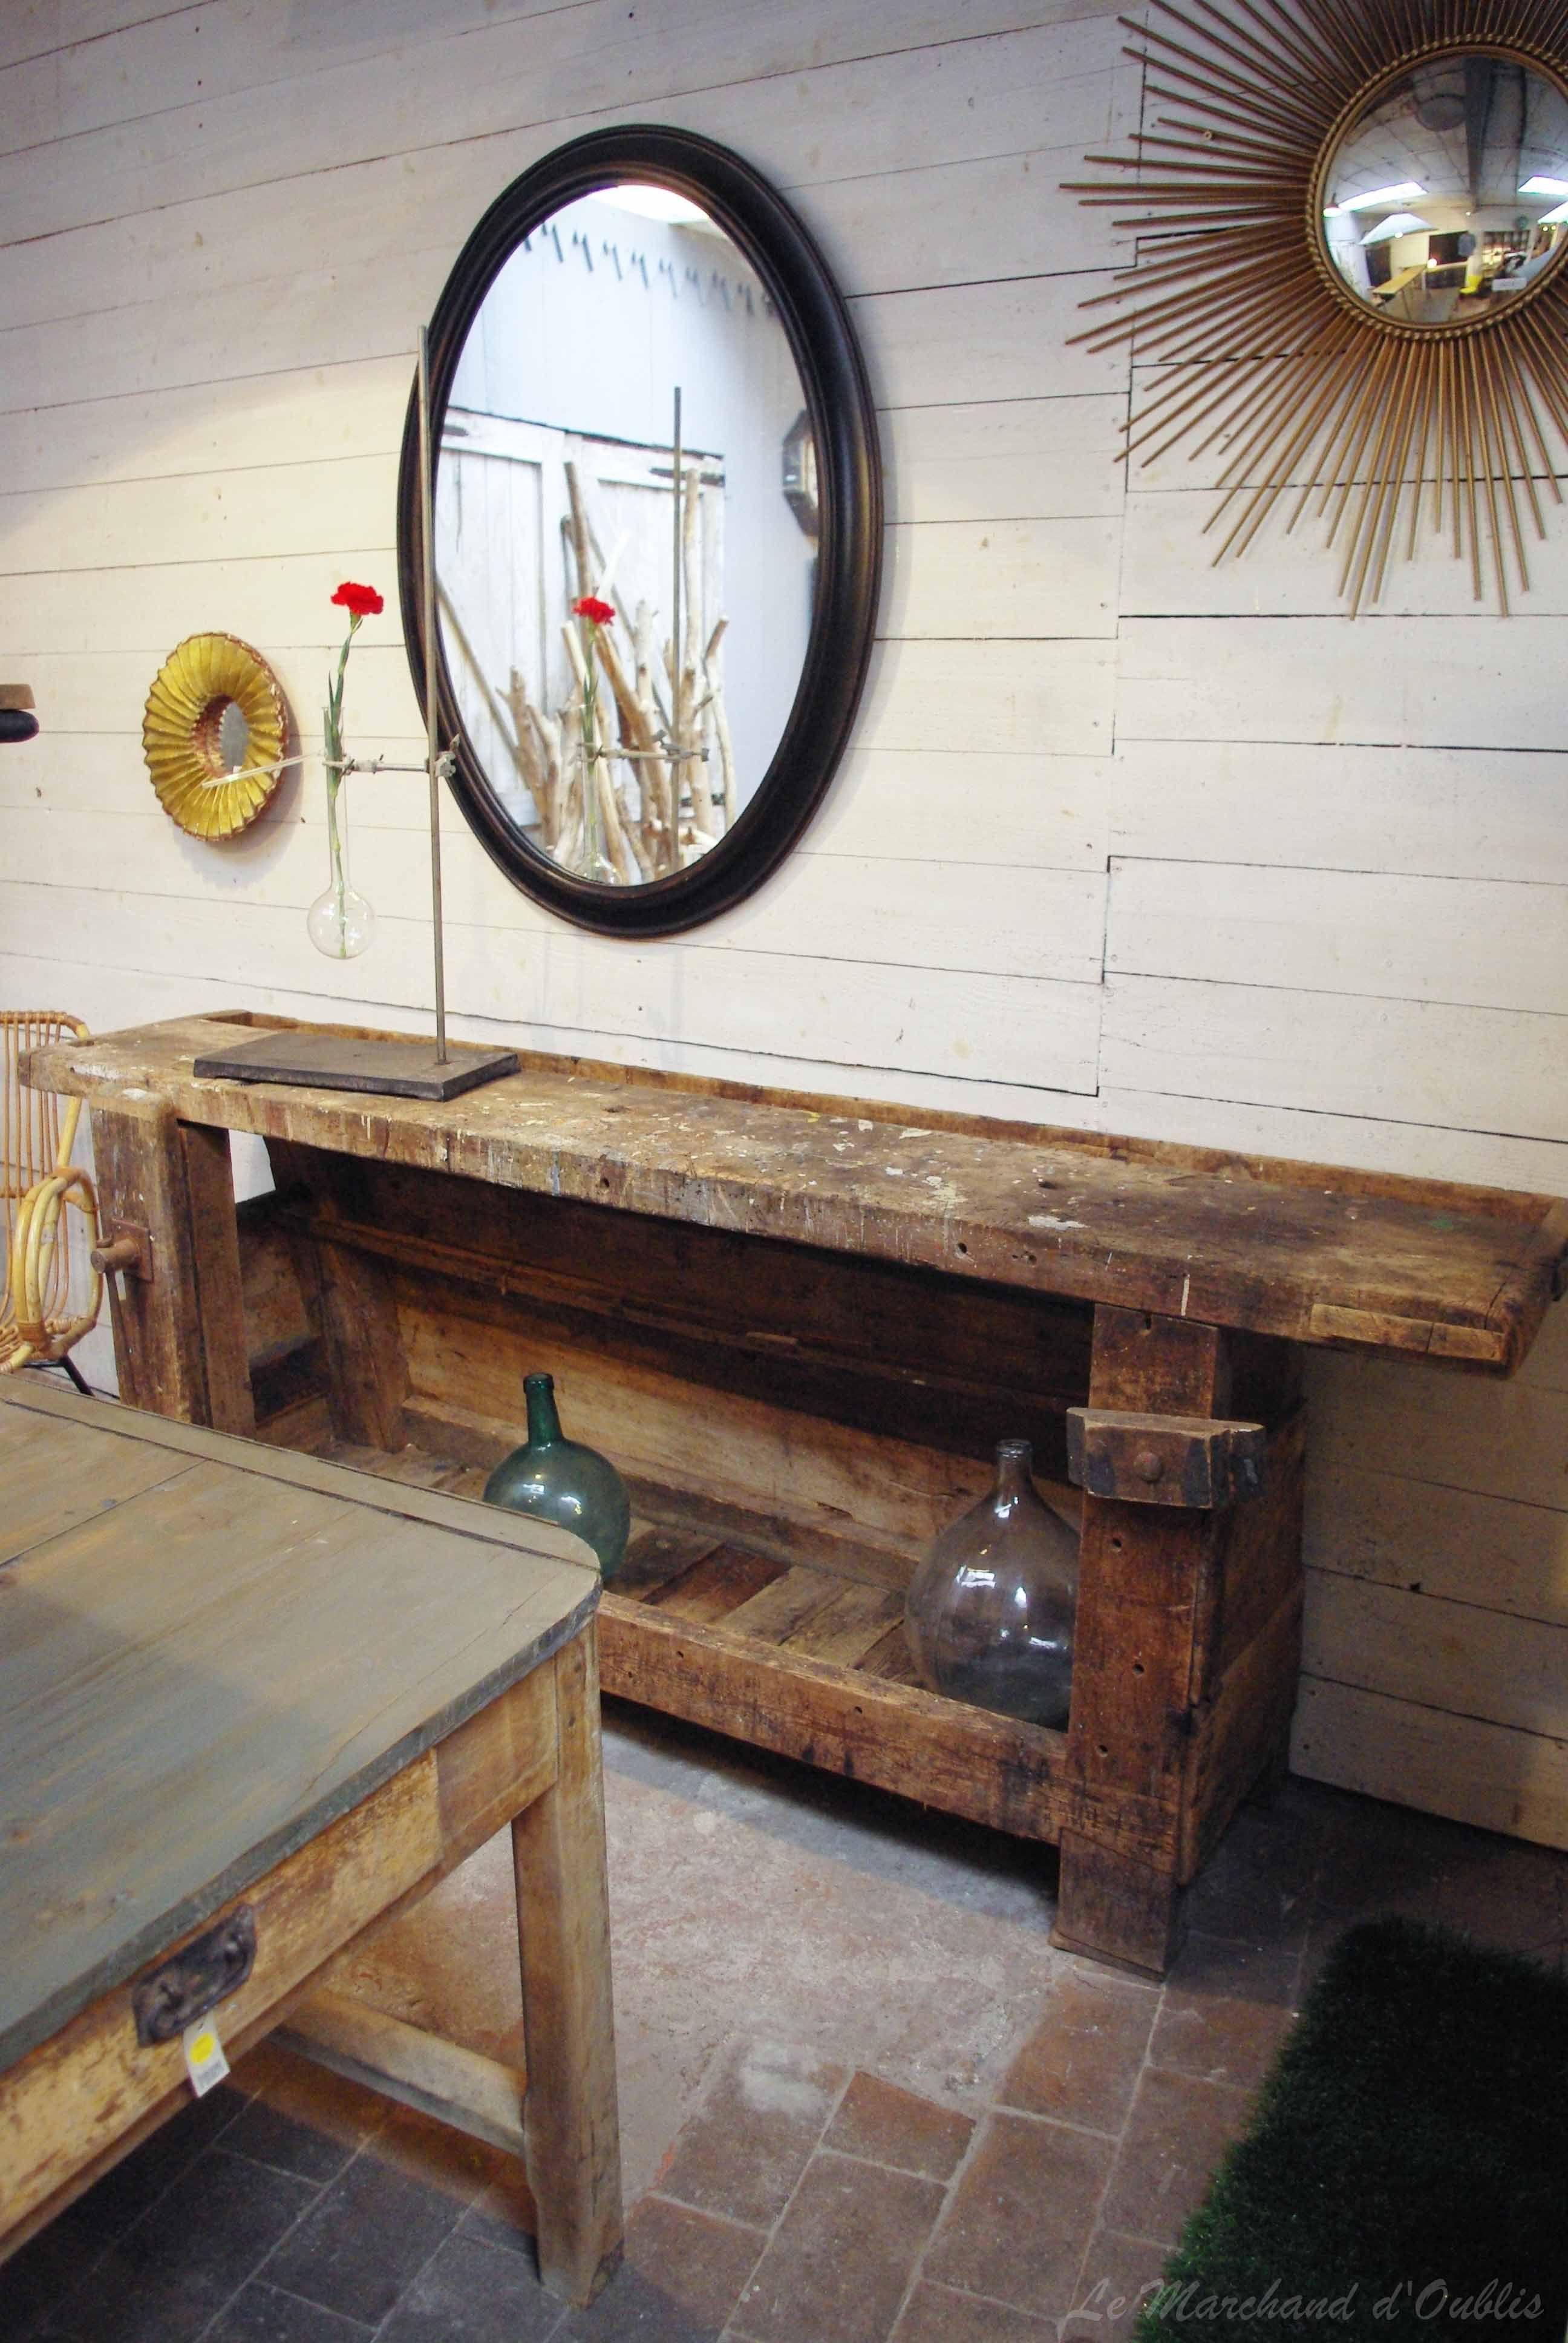 ancien tabli en bois par le marchand d 39 oublis tabli pinterest tabli en bois tablis et. Black Bedroom Furniture Sets. Home Design Ideas